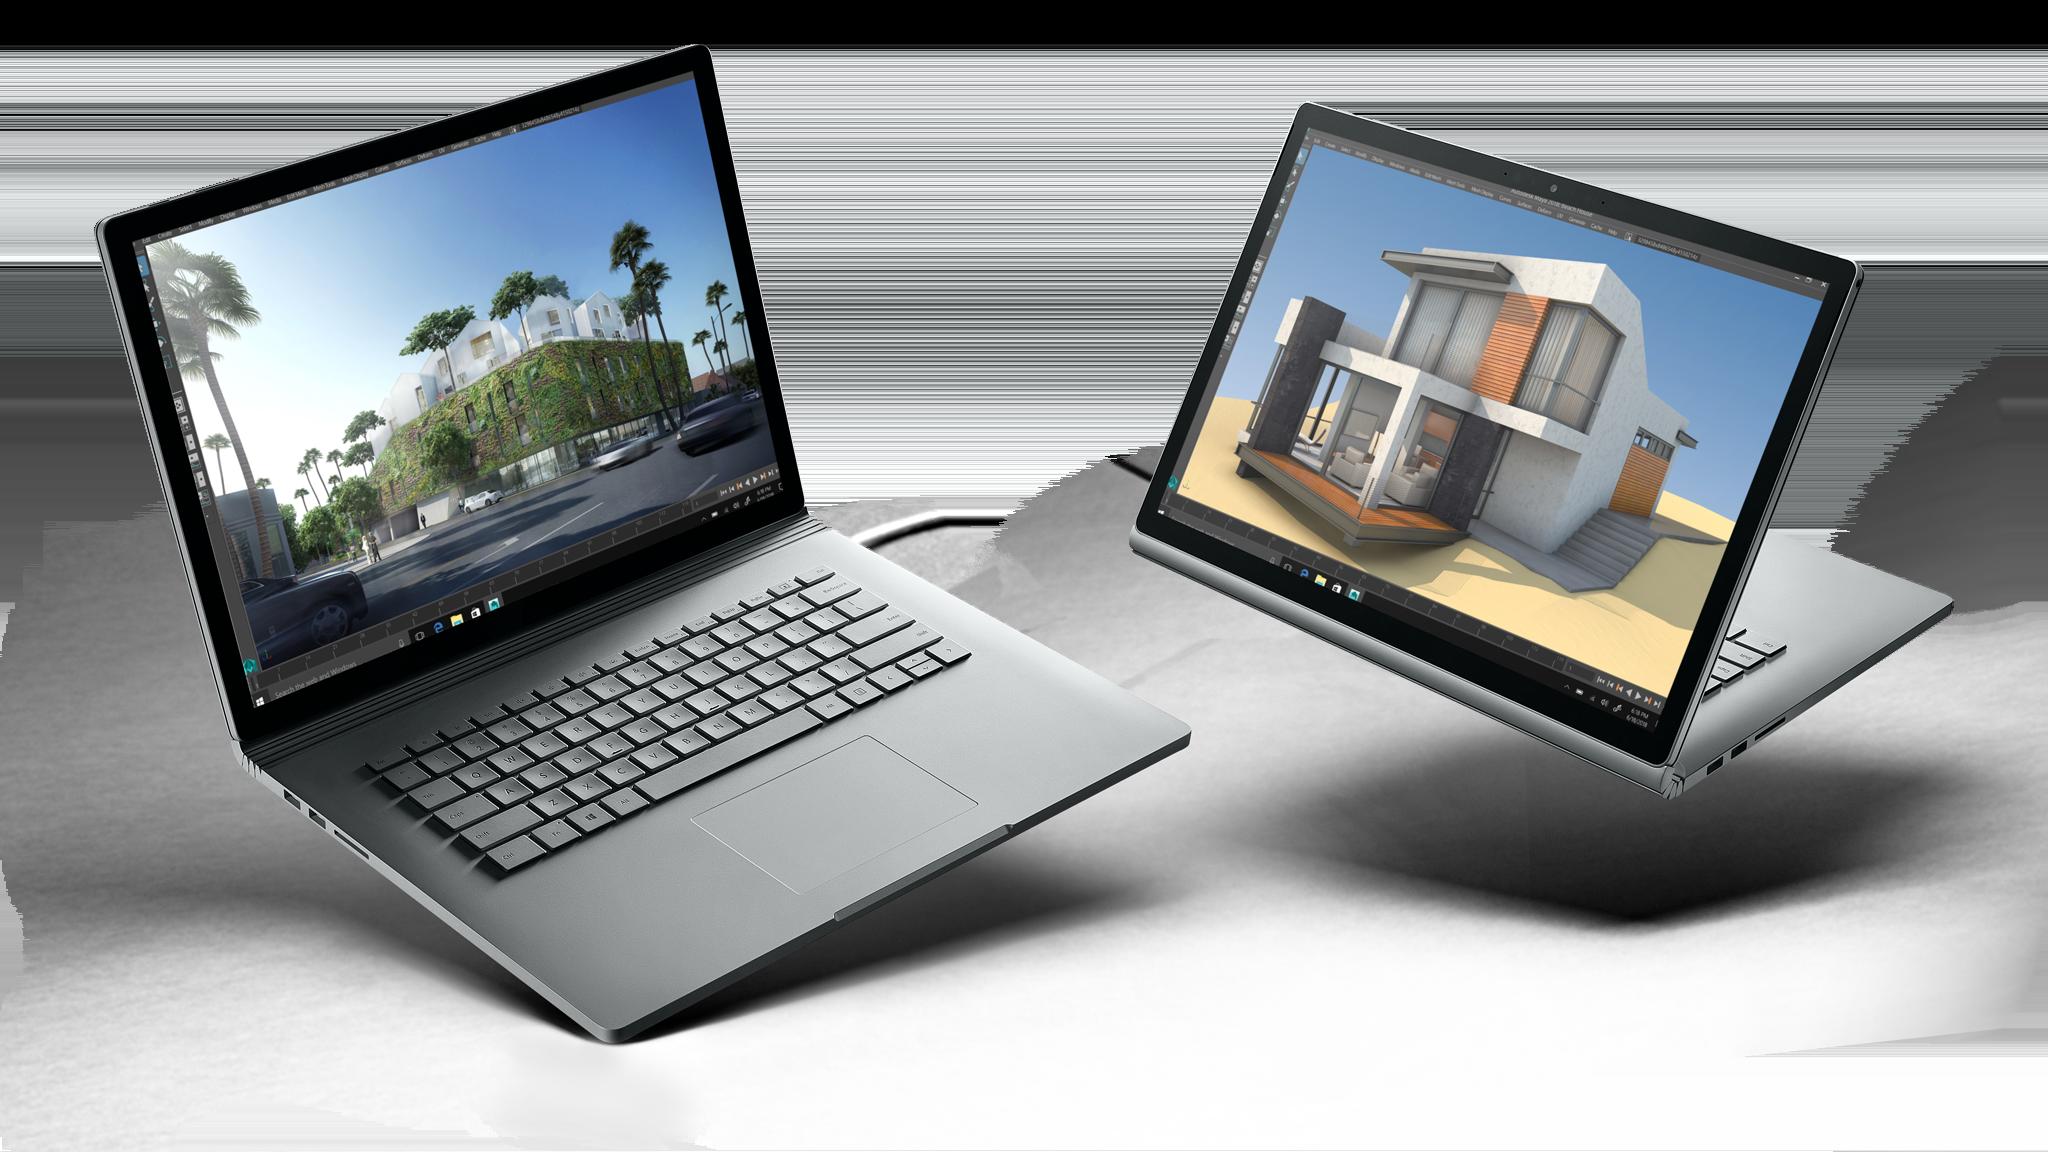 13,5- ja 15-tuumainen Surface Book 2 rinnakkain